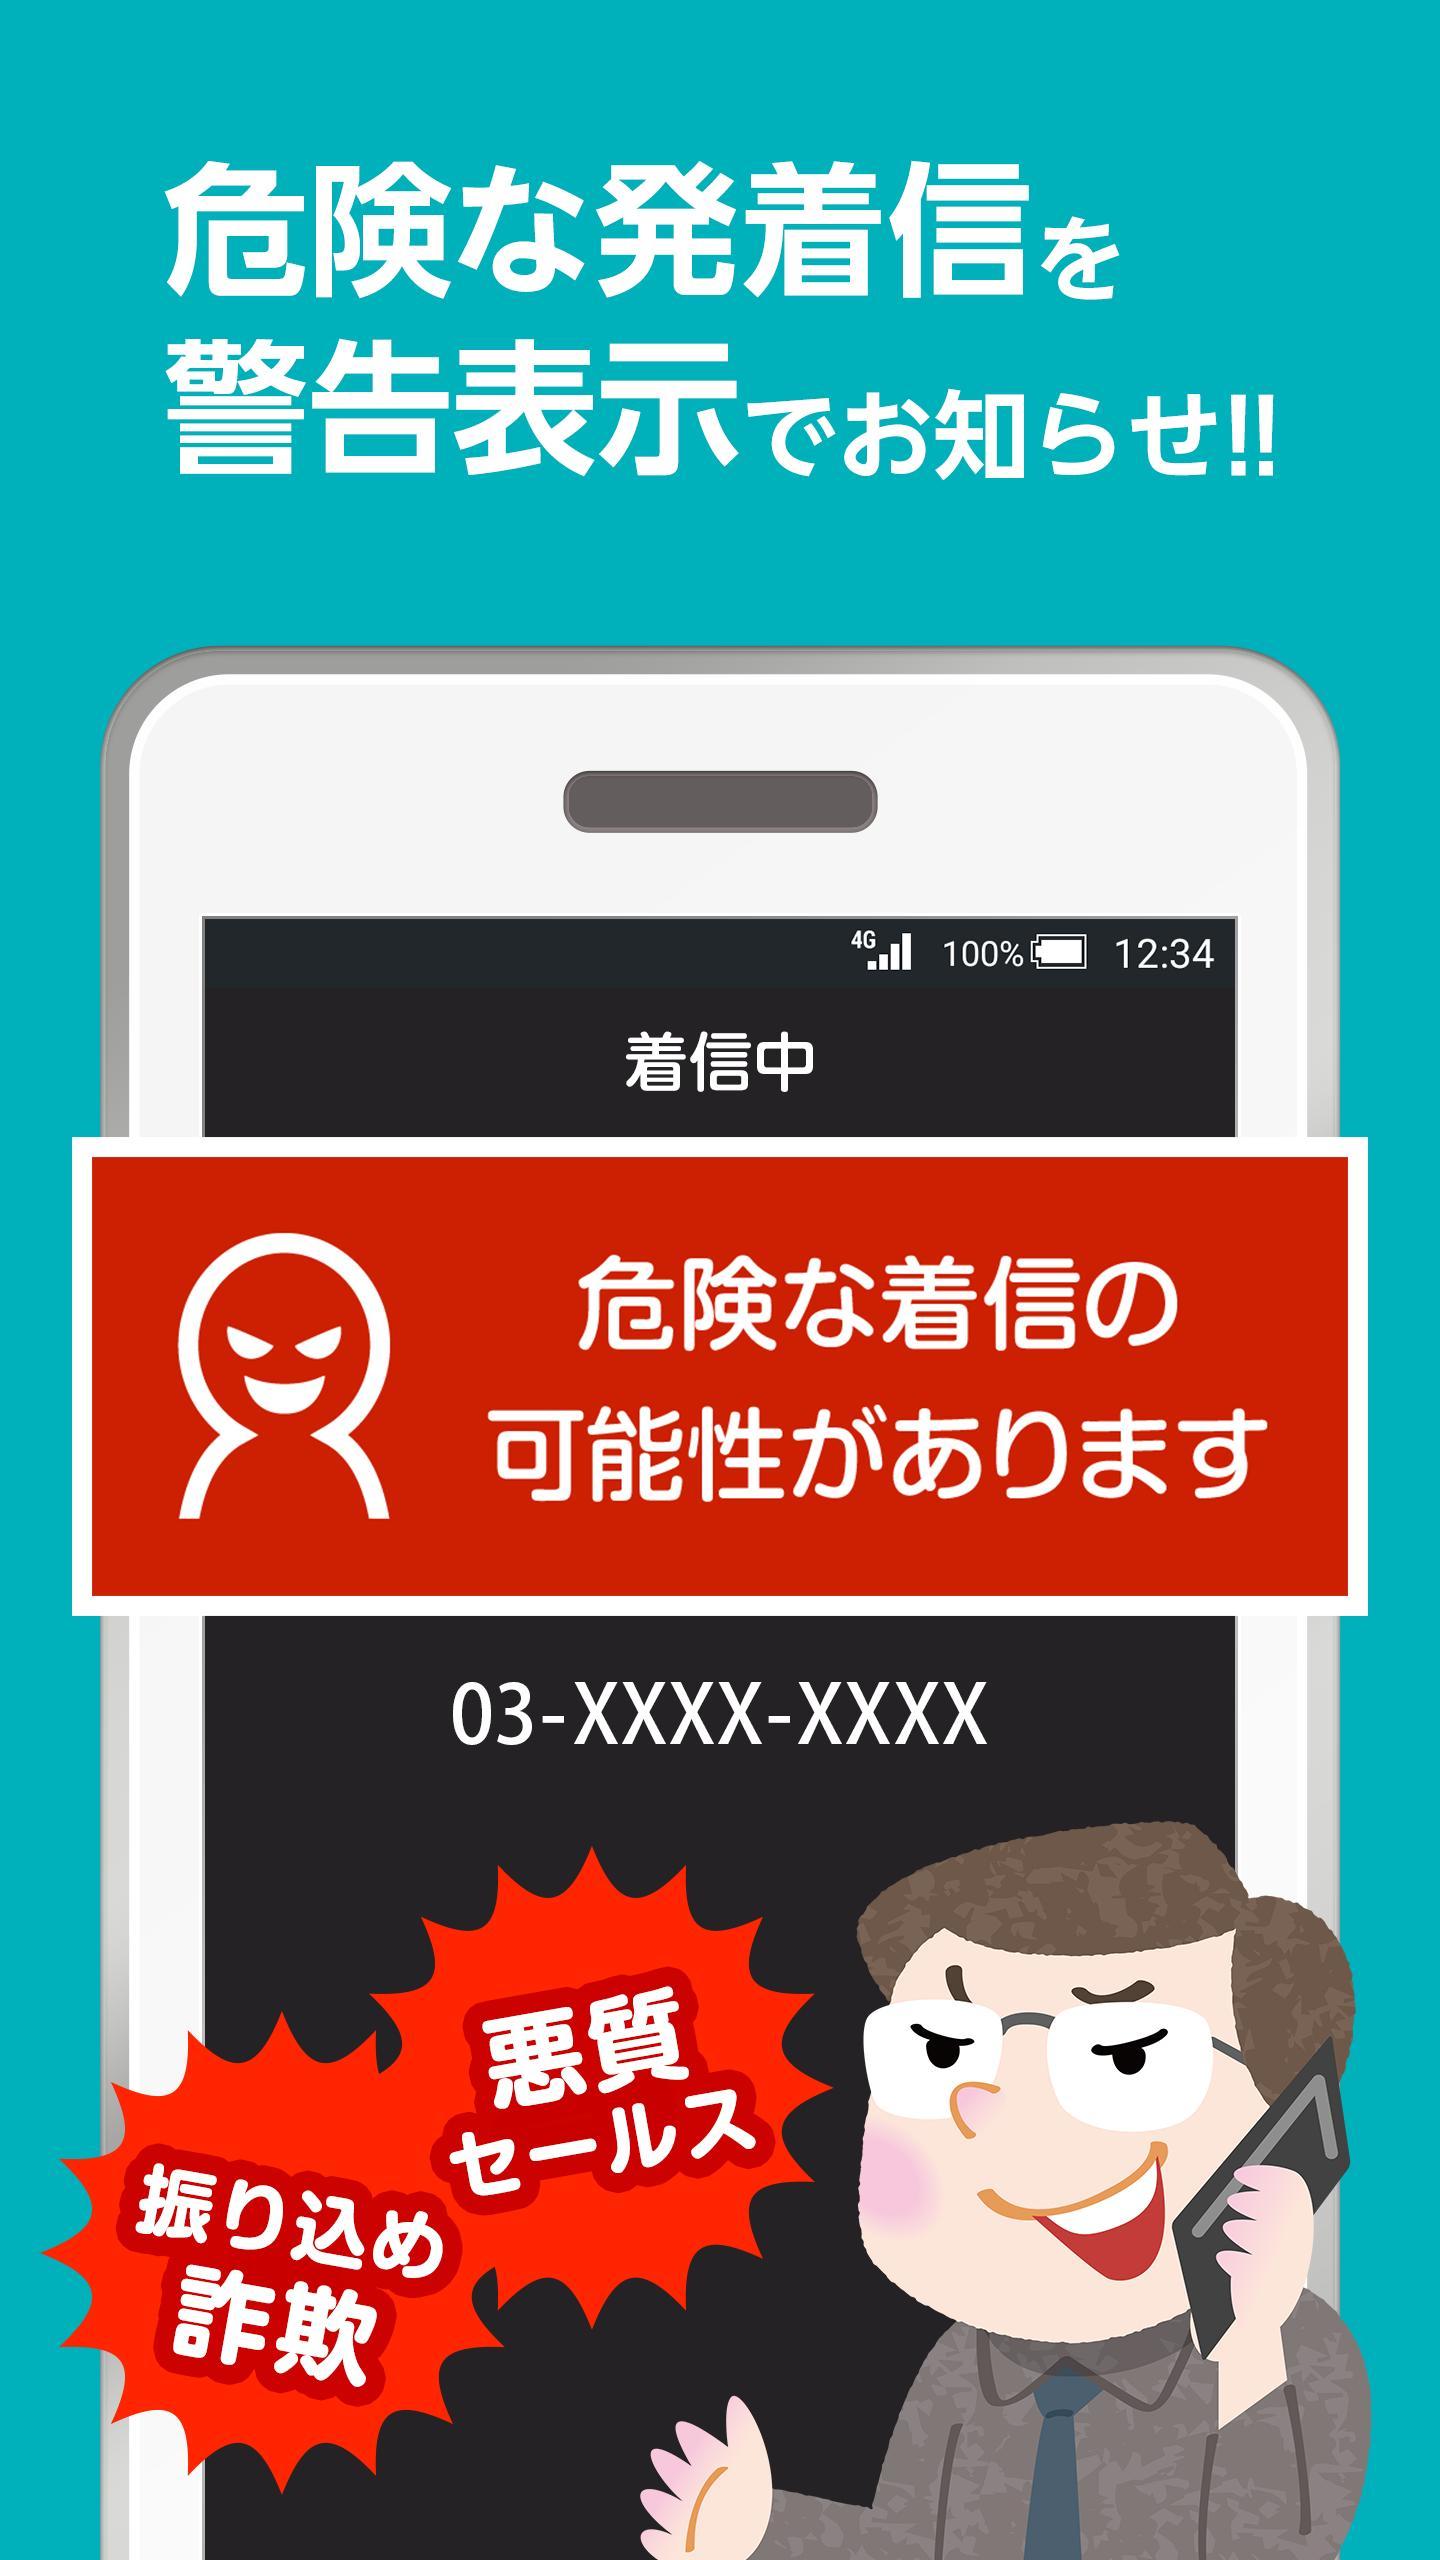 電話 迷惑 ブロック メッセージ